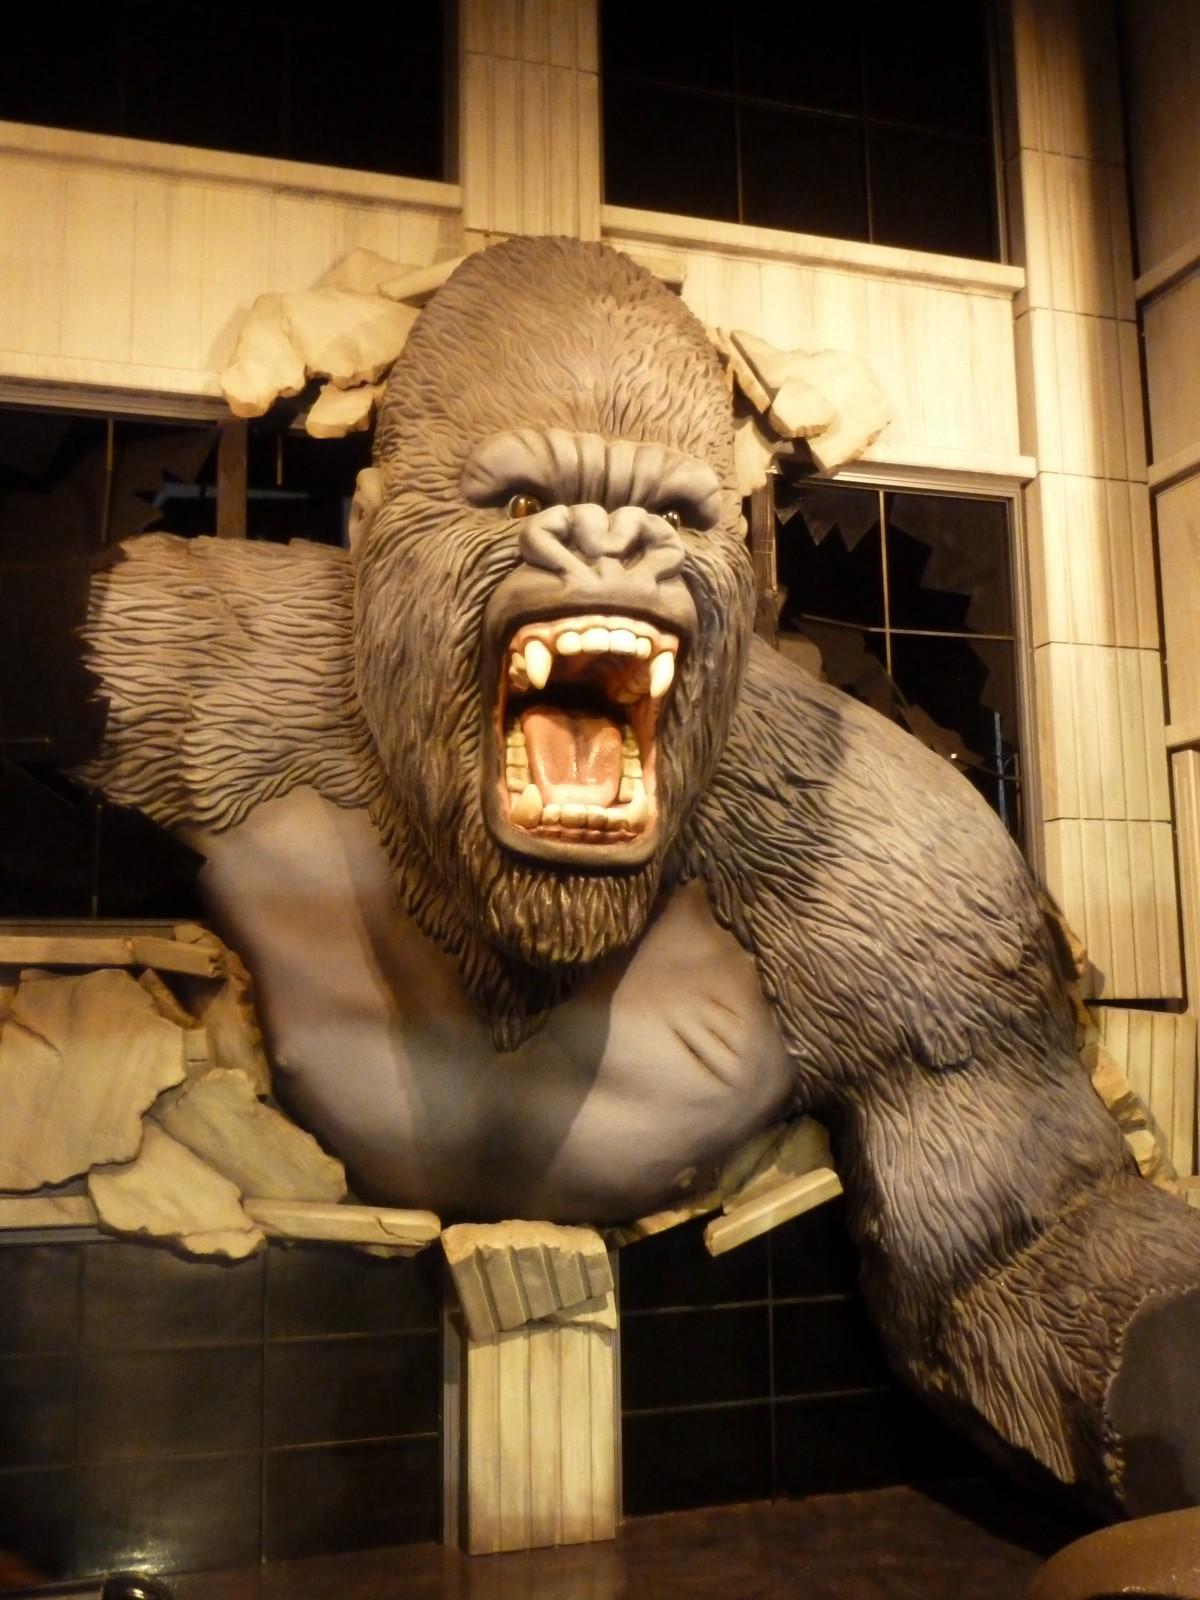 Free Images Adventure Statue Primate Gorilla